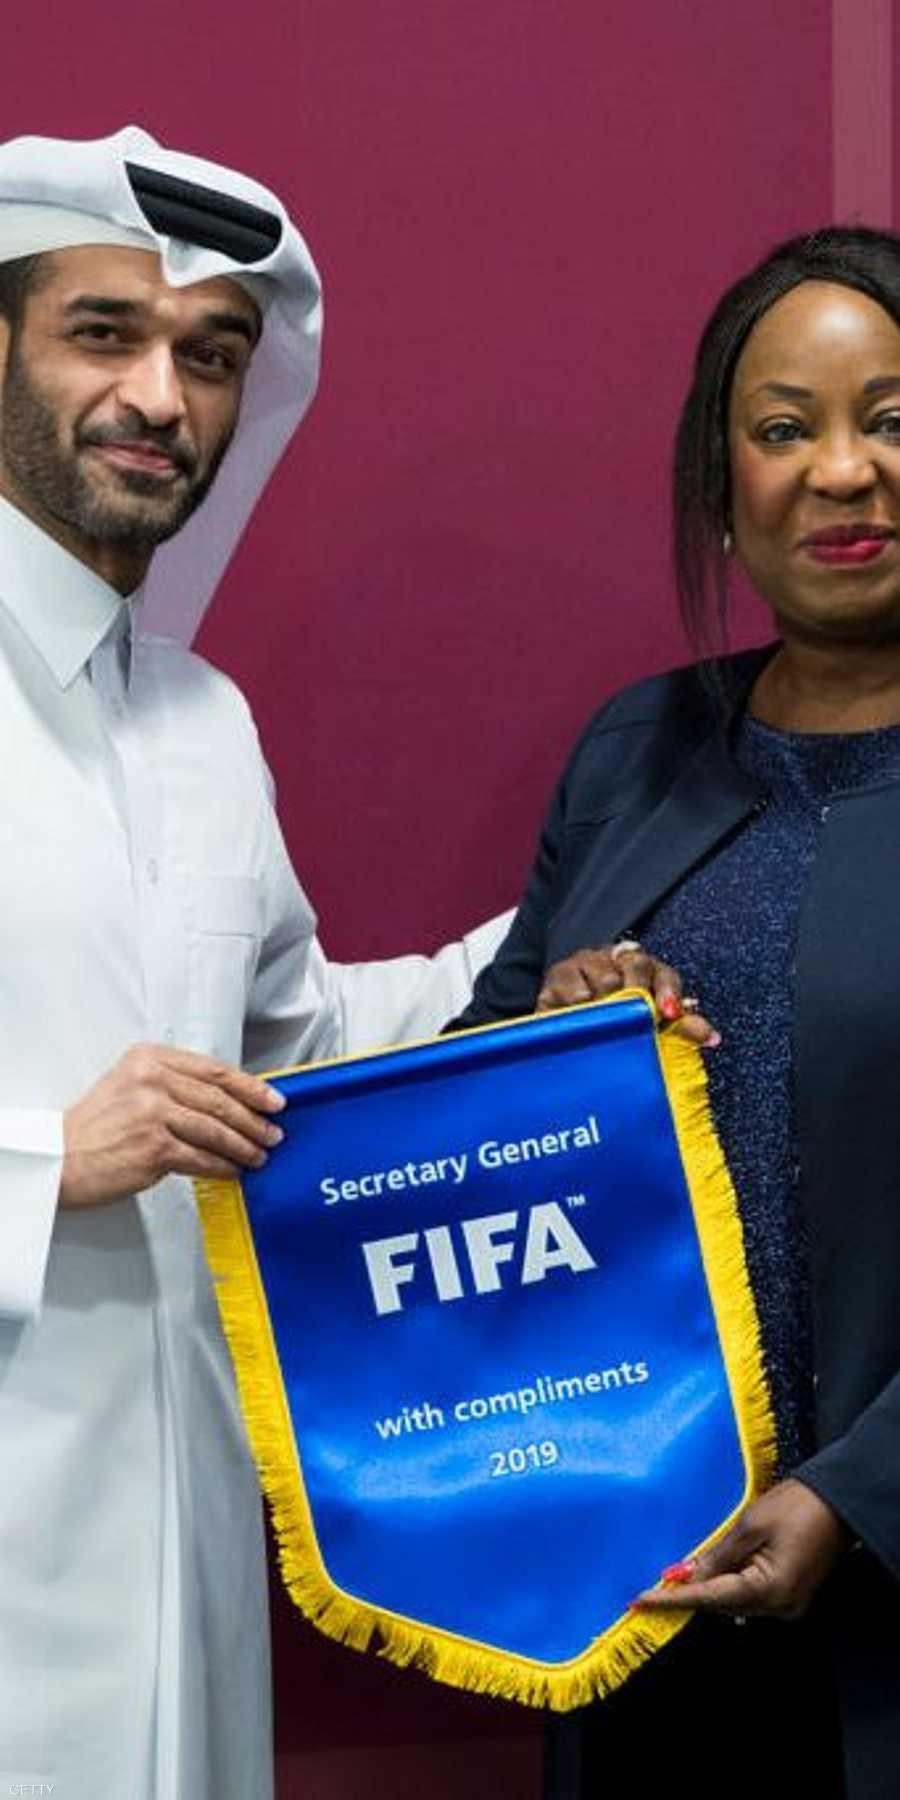 """قطر حصلت على تنظيم مونديال 2022 بطرق """"مشبوهة"""""""